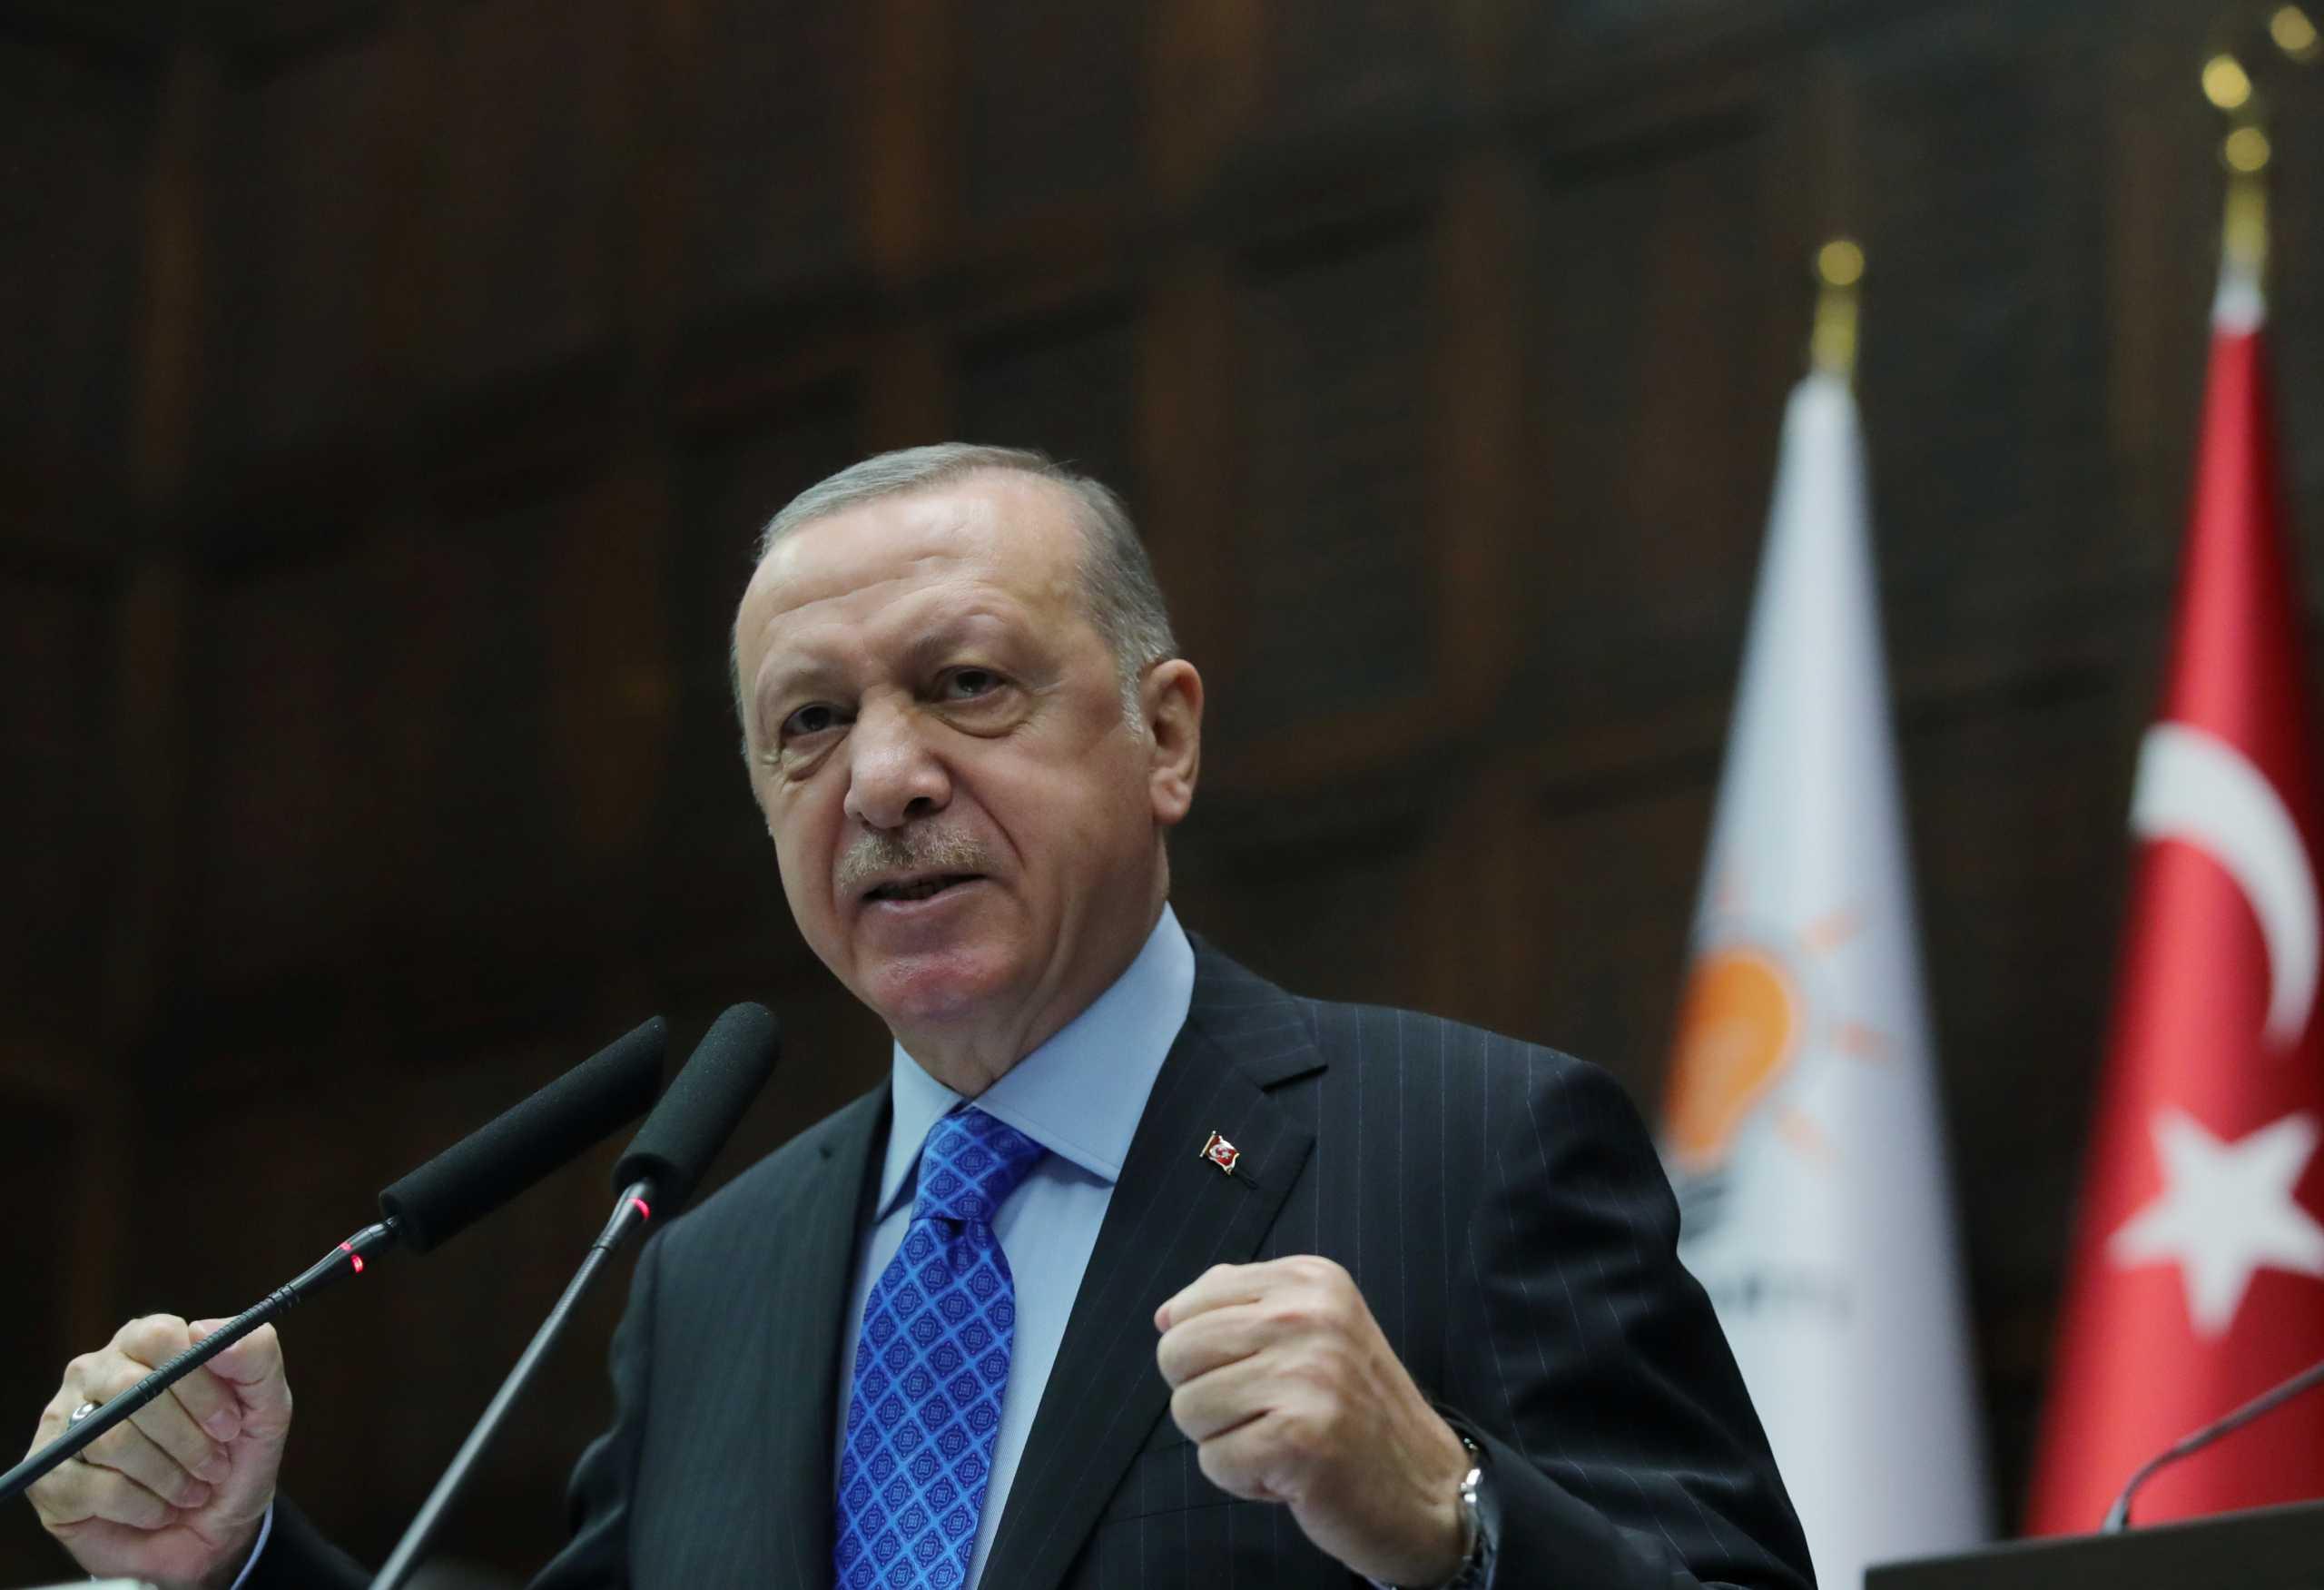 Ο Ερντογάν διαβάζει στίχους από το Κοράνι μέσα στην Αγία Σοφία – Νέα πρόκληση πριν την επίσκεψη Τσαβούσογλου